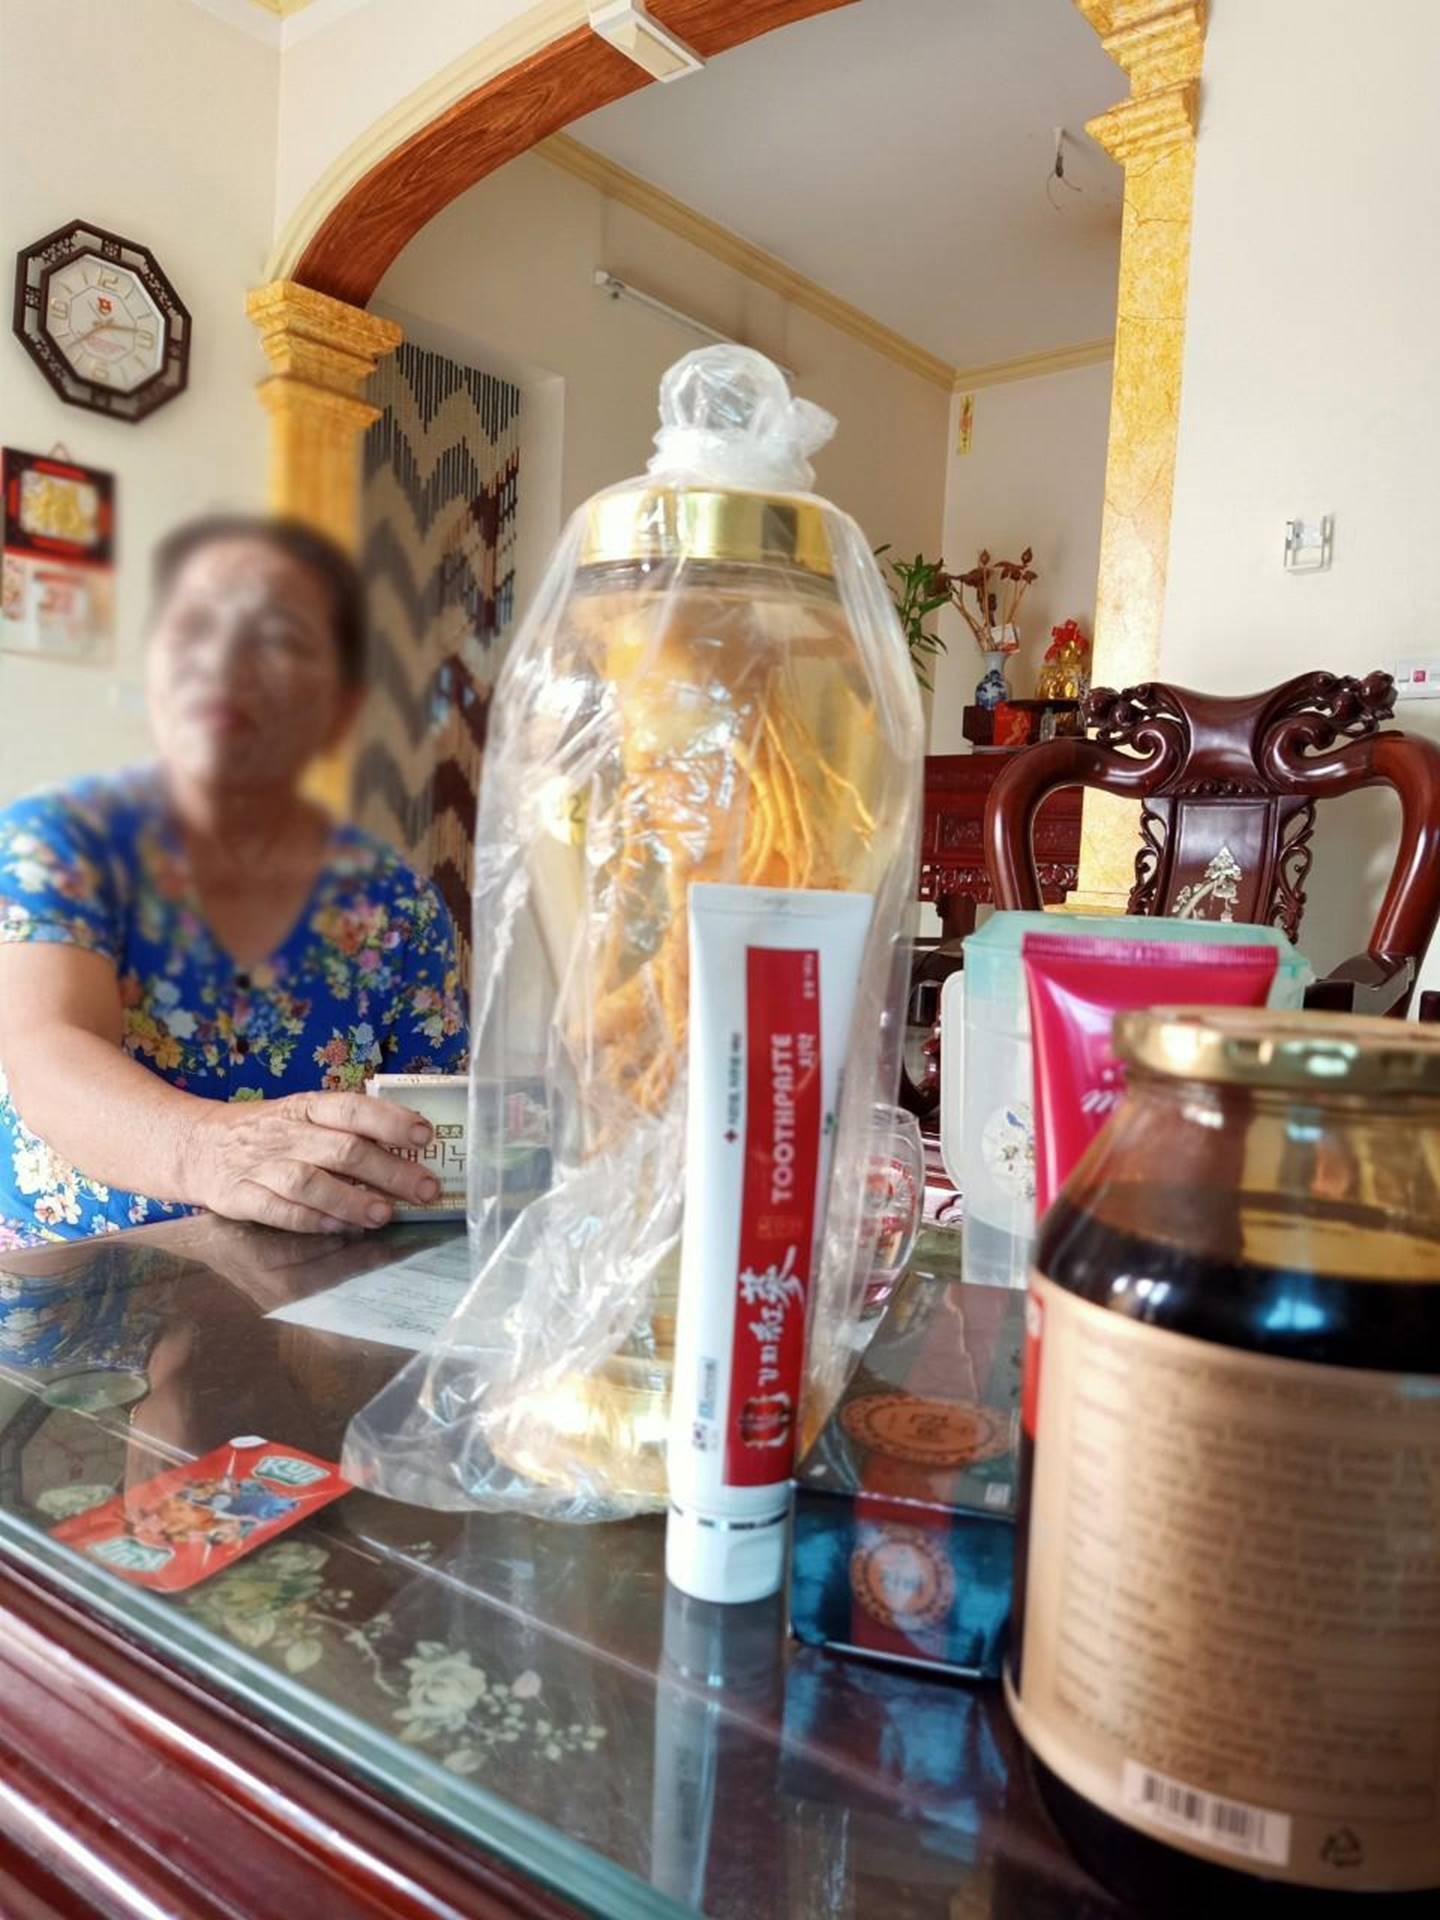 Hồng sâm 13 triệu là... rác, cụ bà Hà Nội bị lừa đau đớn-4